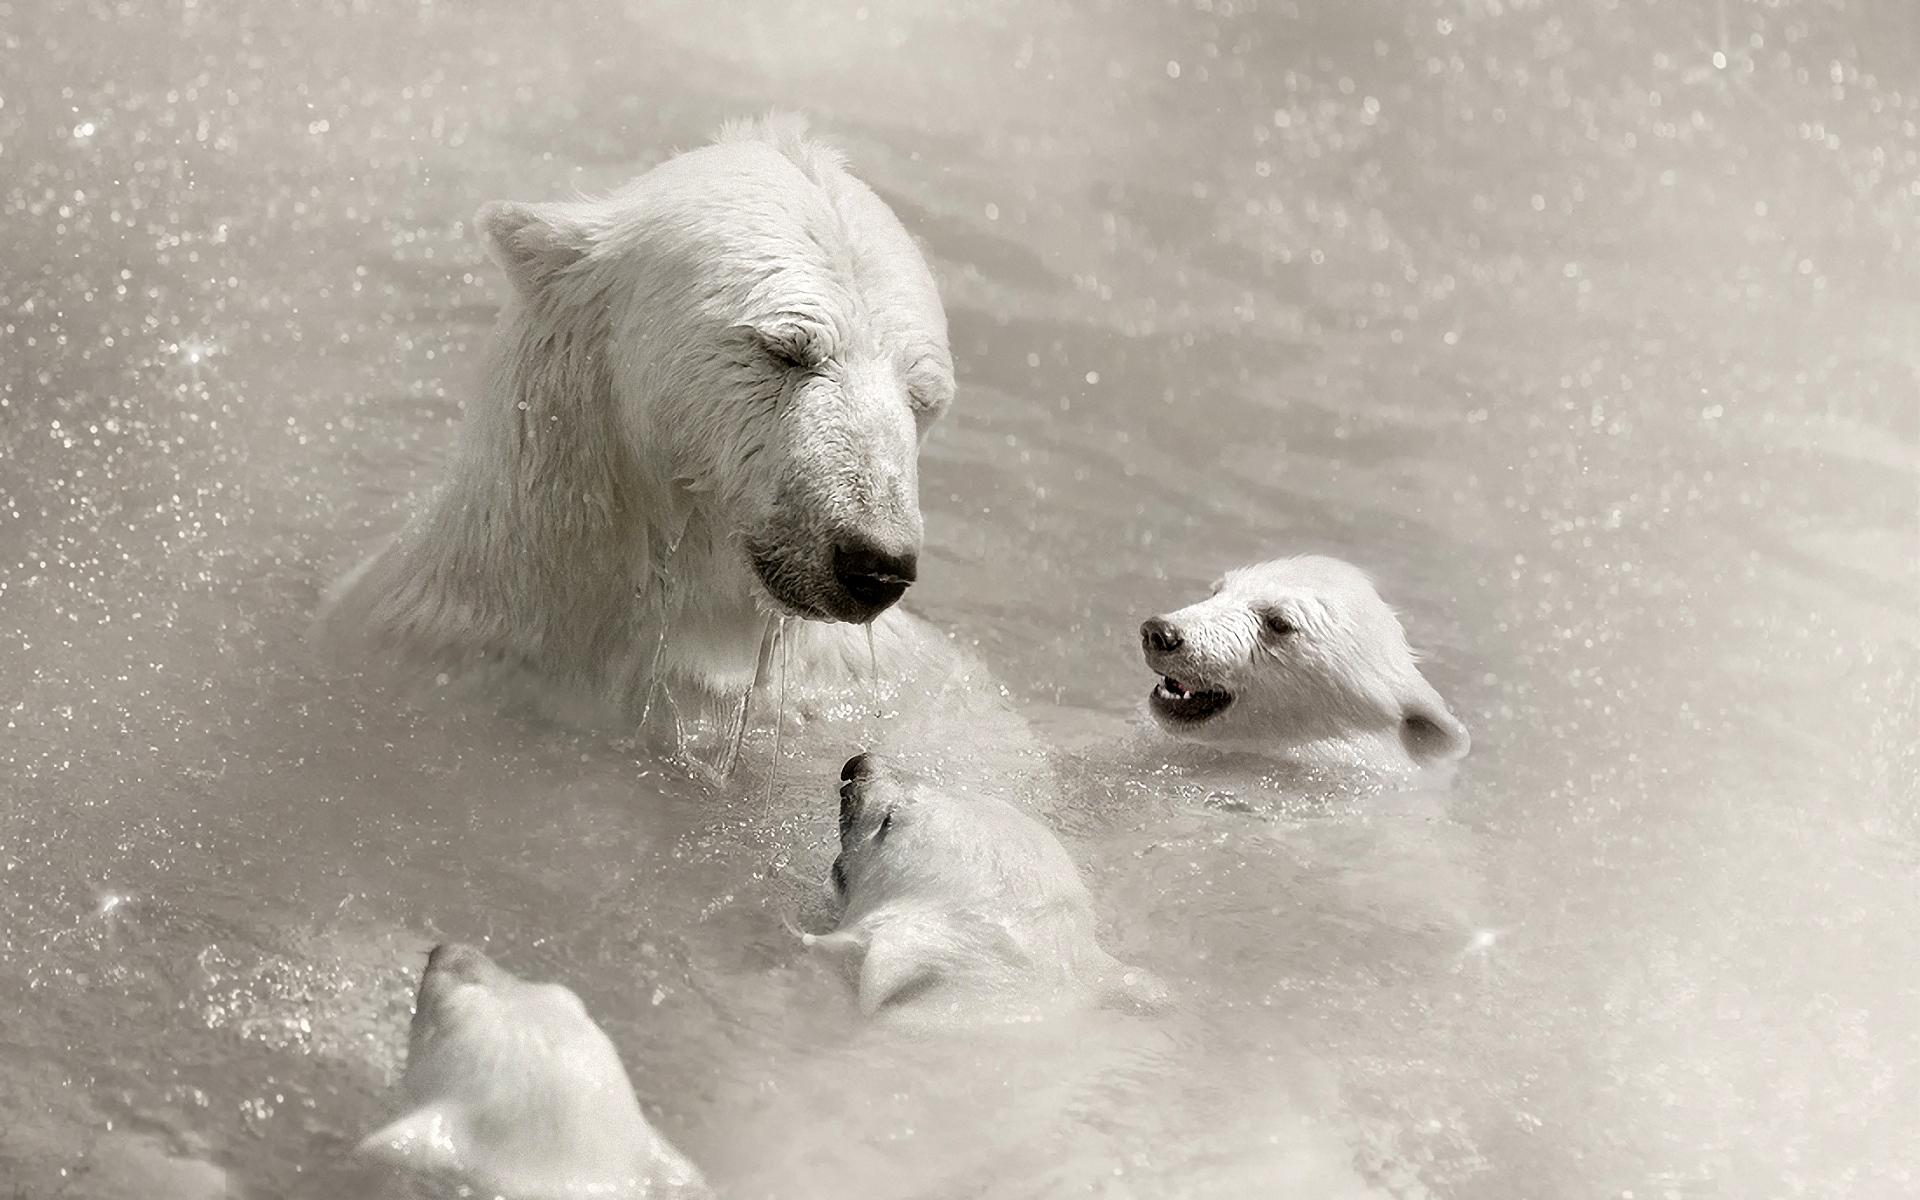 белая медведица с медвежатами, скачать фото, обои для рабочего стола